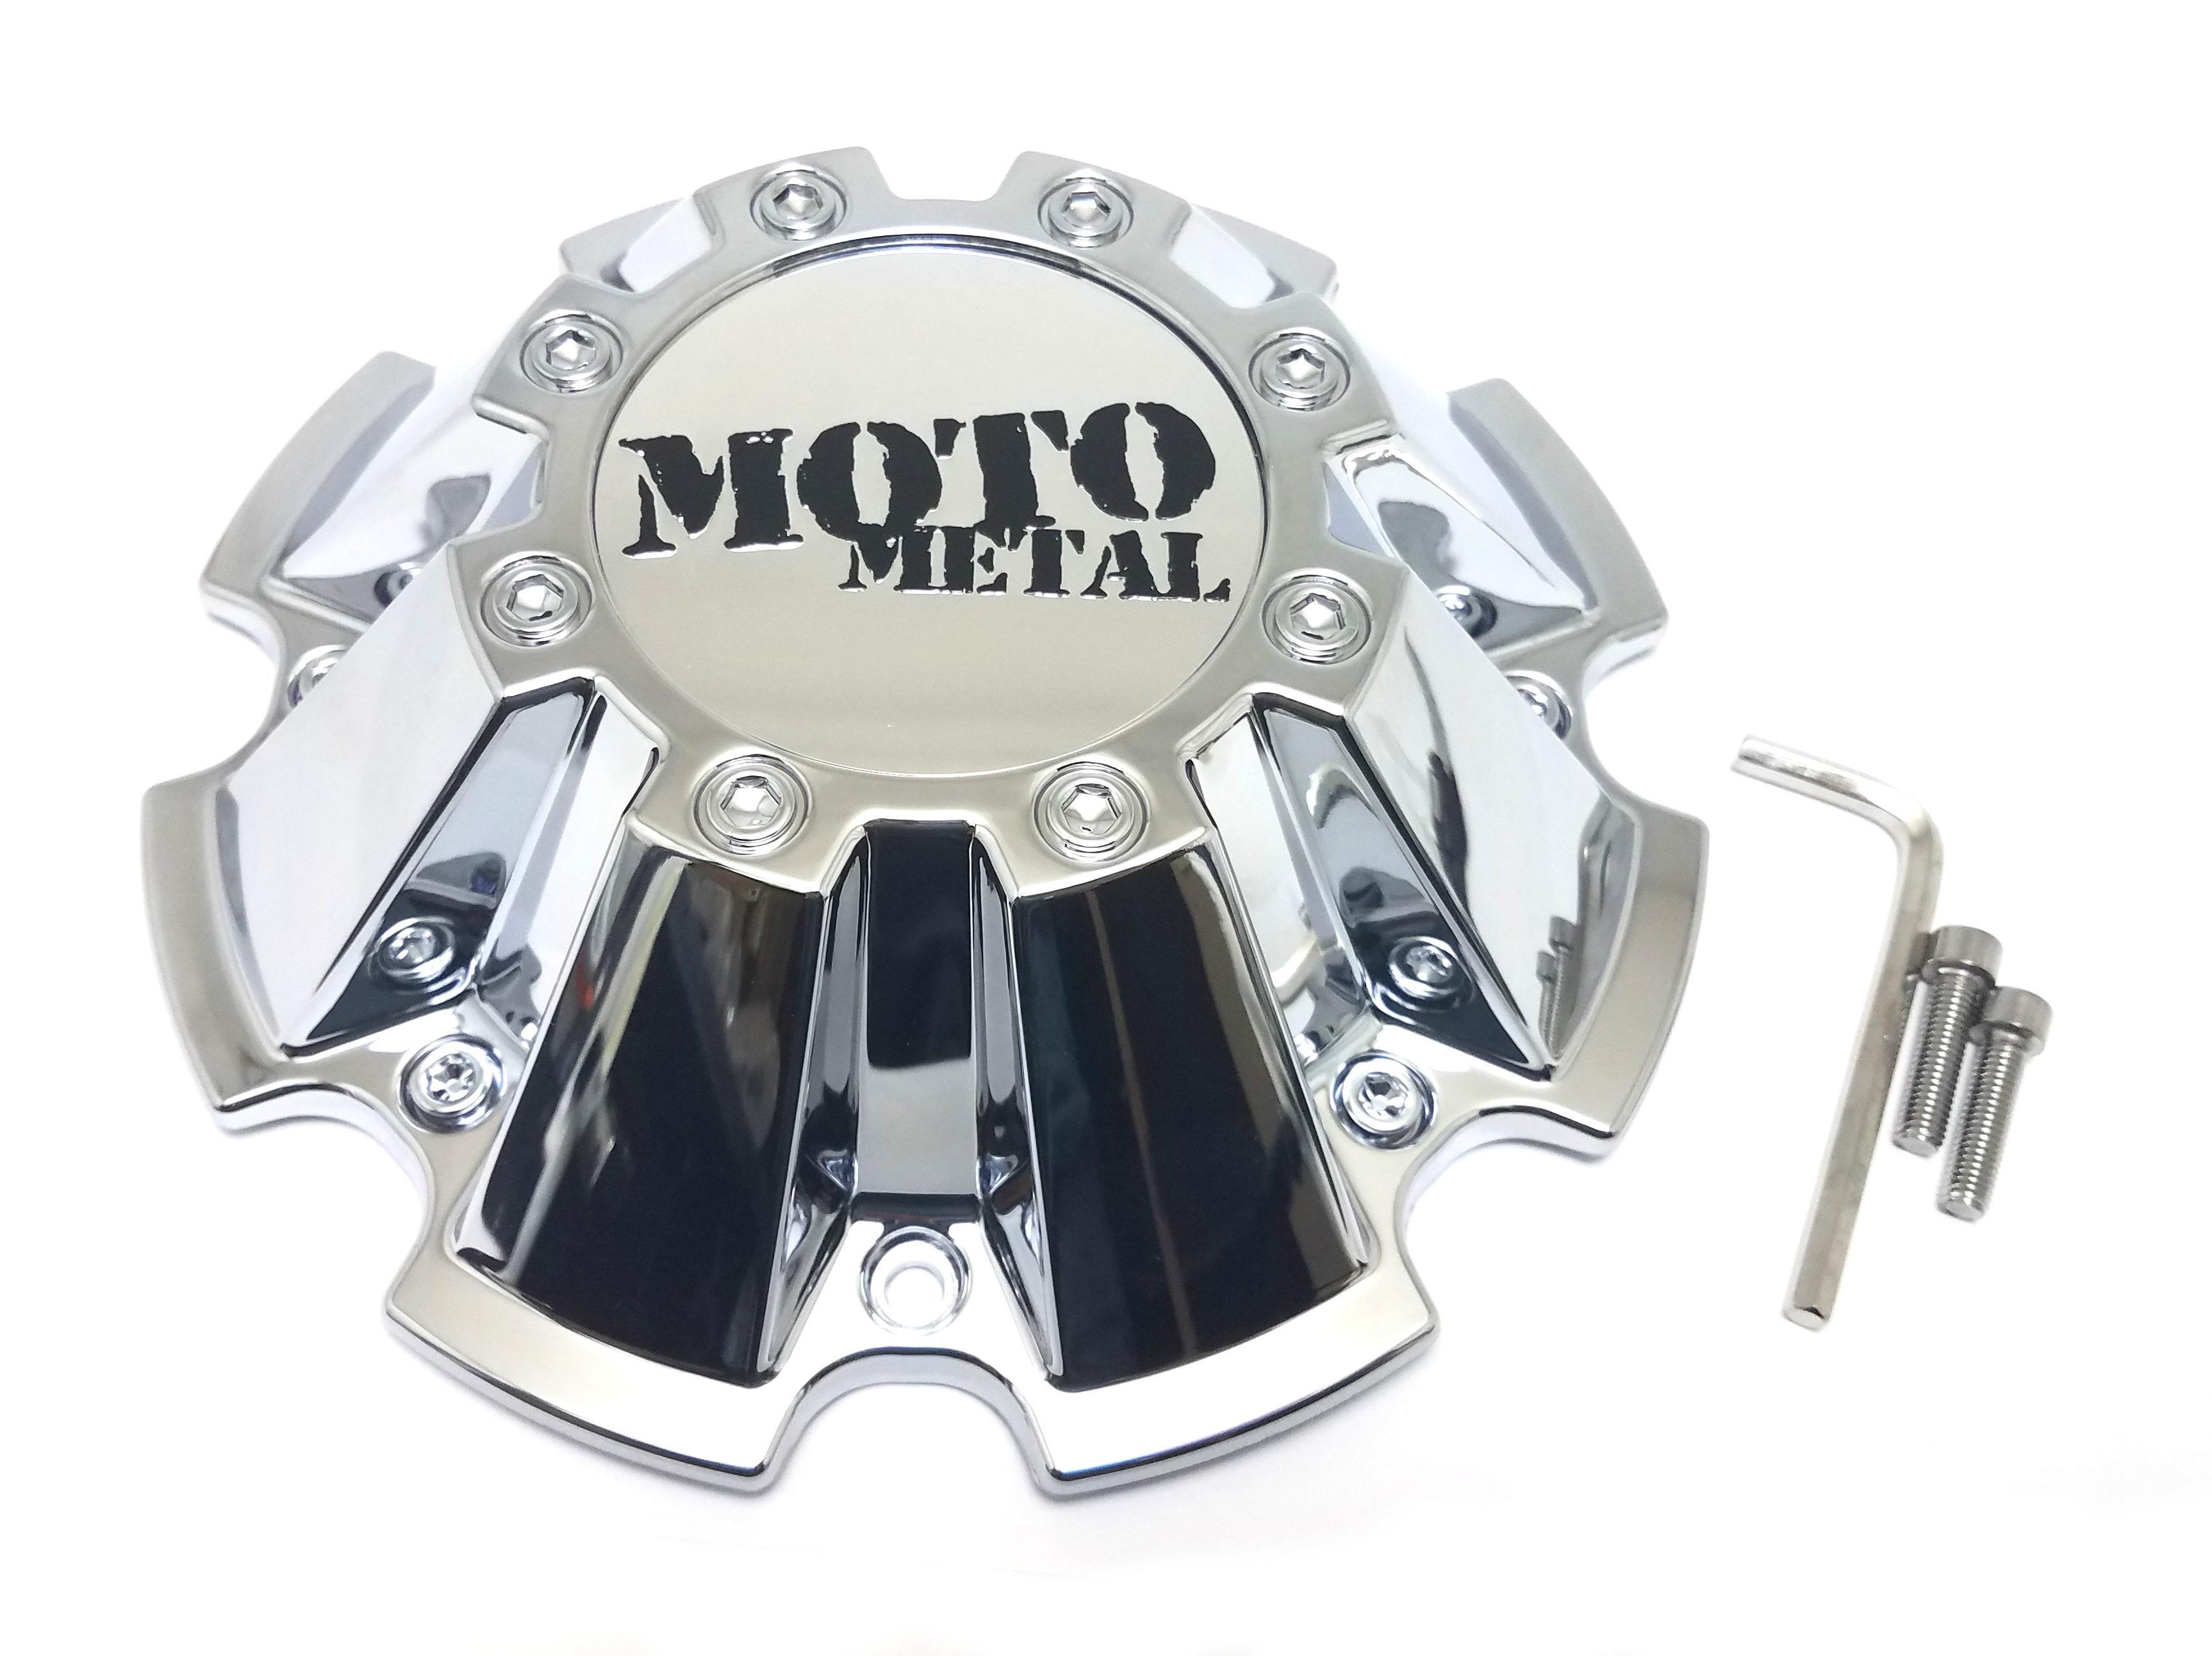 Moto Metal Chrome 8 Lug Center Cap fits MO962 MO200 M793CHROME CAP M-793